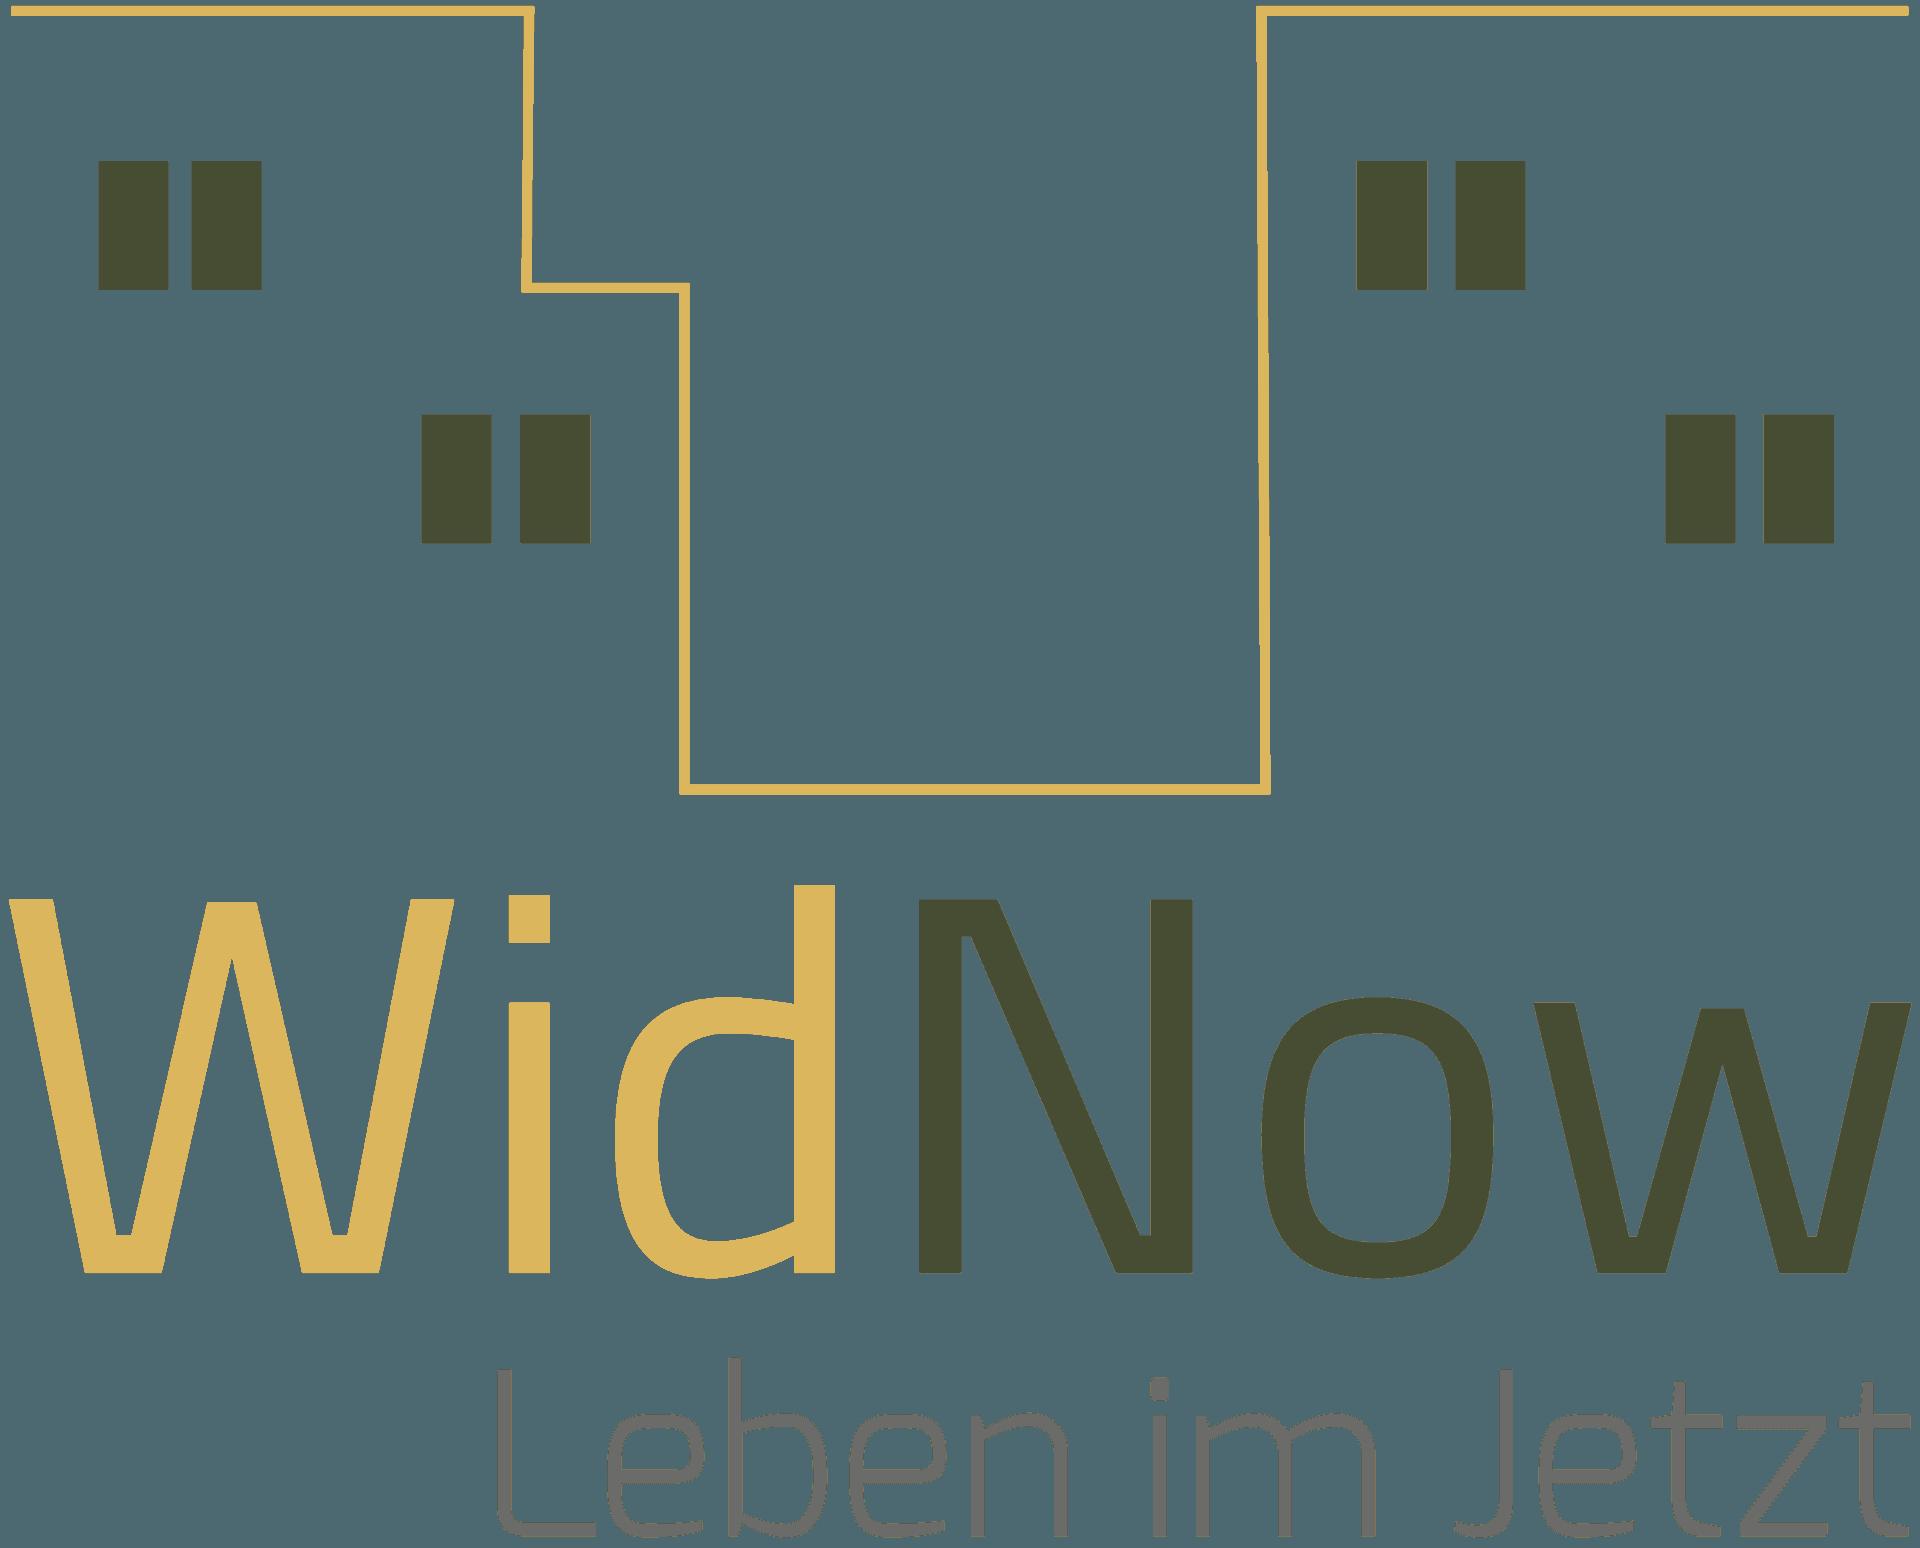 Widnow